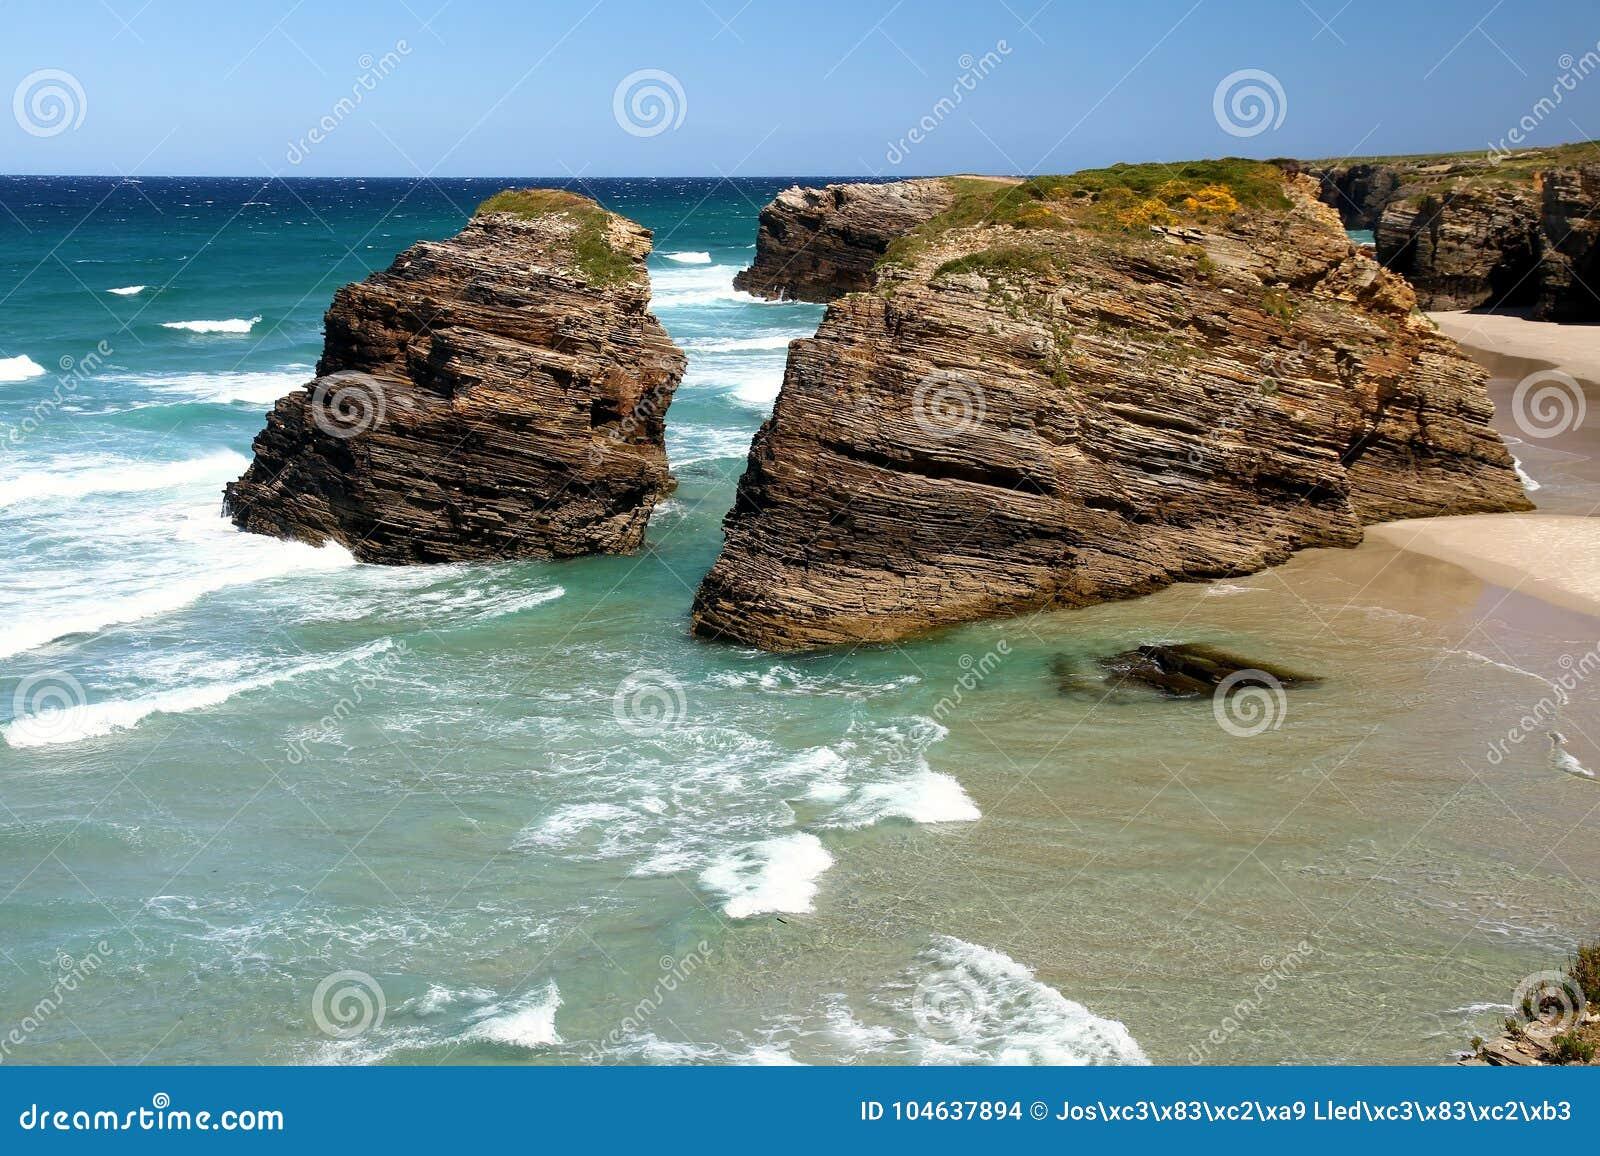 Download Het Kathedralenstrand In Eb Met Rotsen Erosioned Door De Actie Van Het Overzees Stock Foto - Afbeelding bestaande uit oceaan, landschap: 104637894